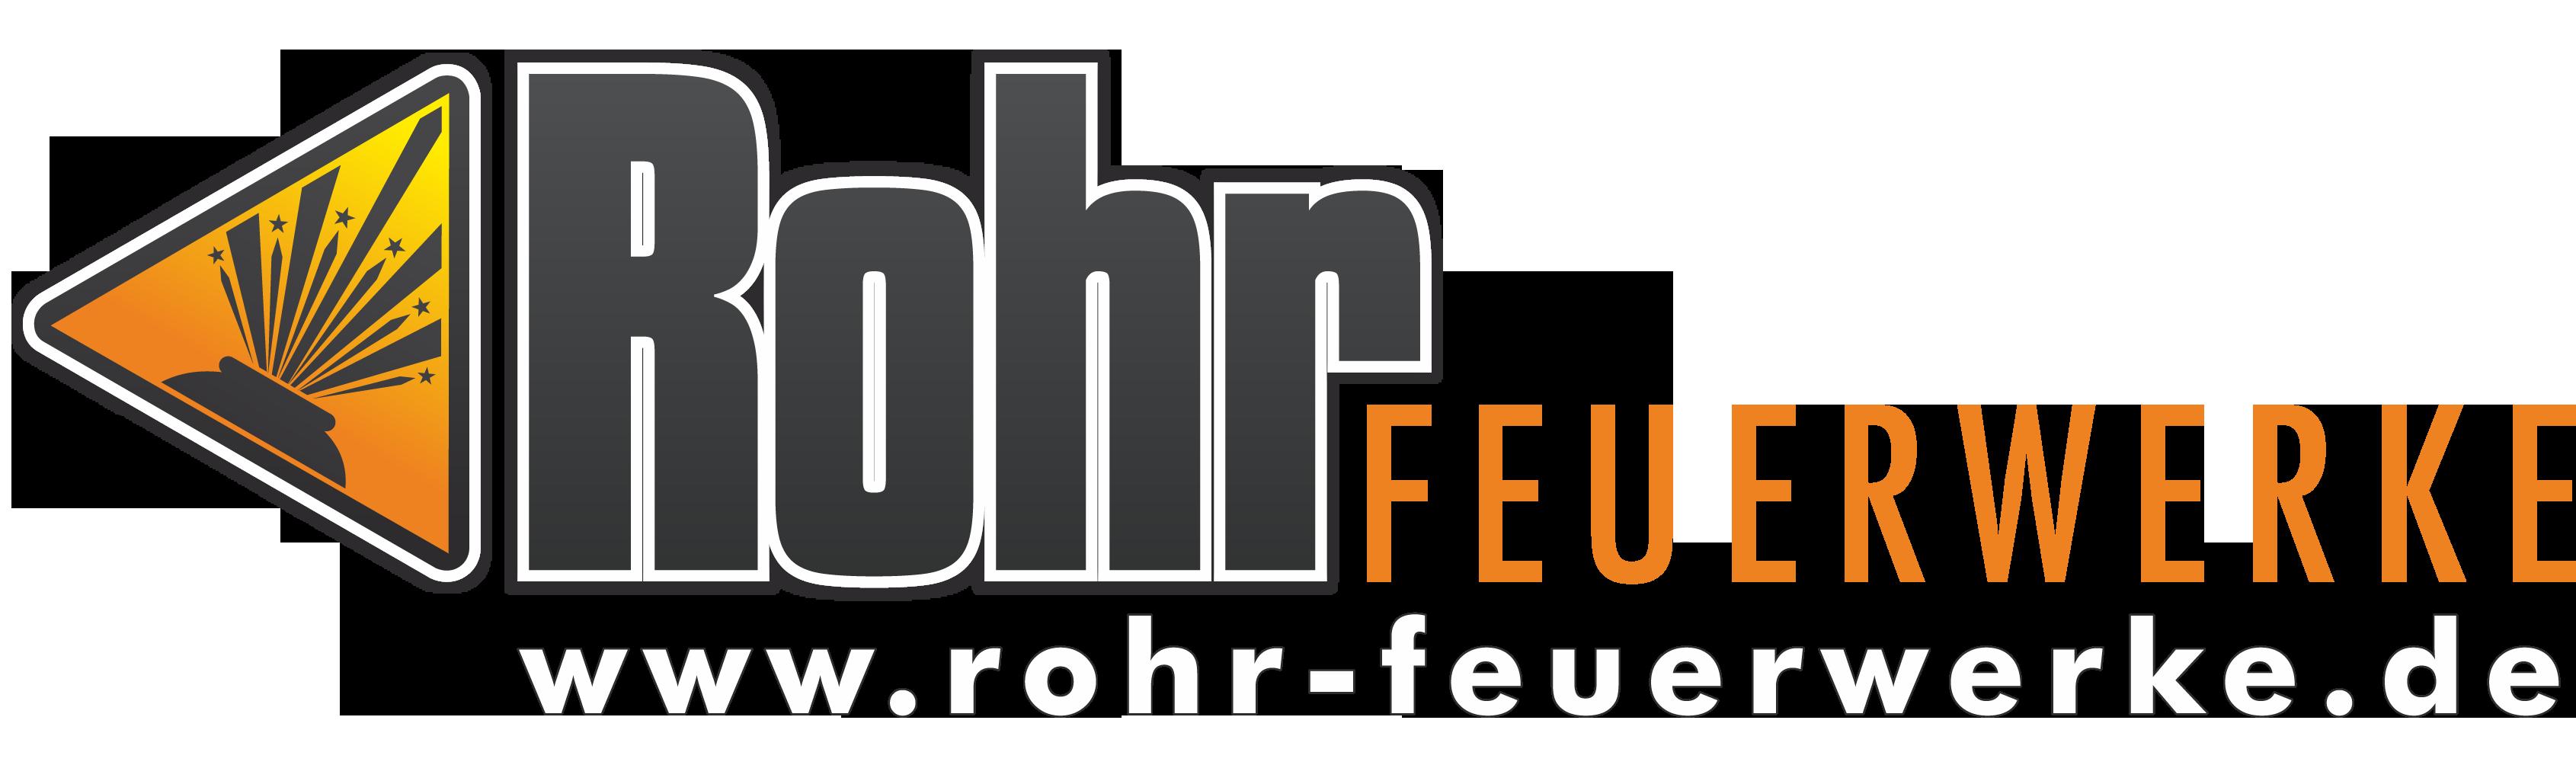 Logo ROHR FEUERWERKE mit URL